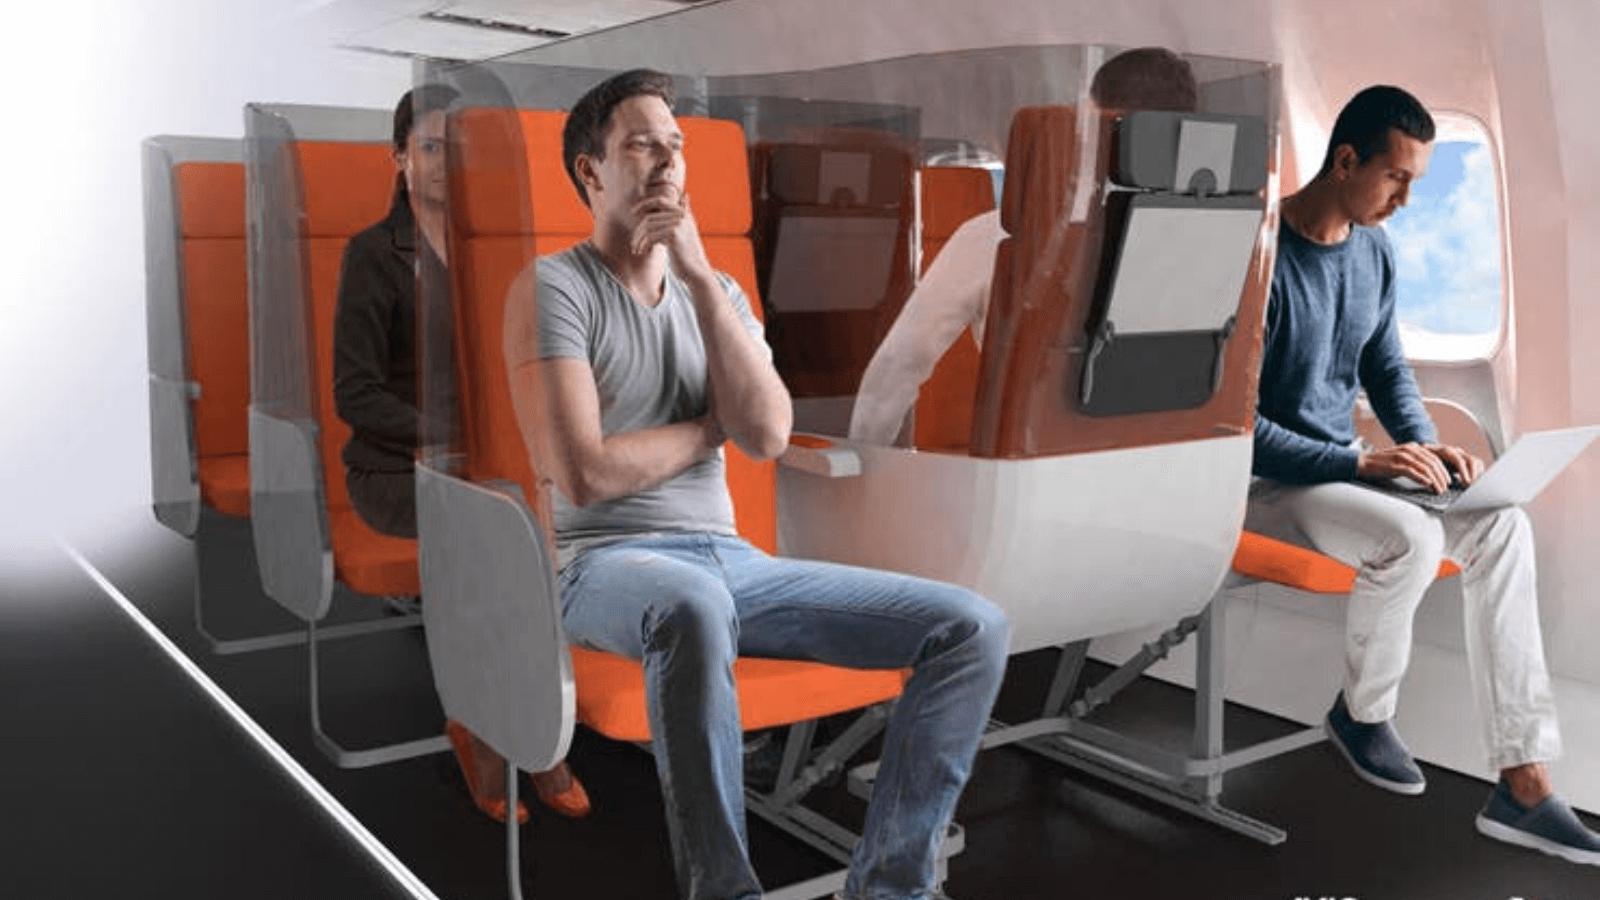 Turismo post Covid-19 Proponen el uso de mamparas en los asientos de aviones para evitar posibles contagios 53